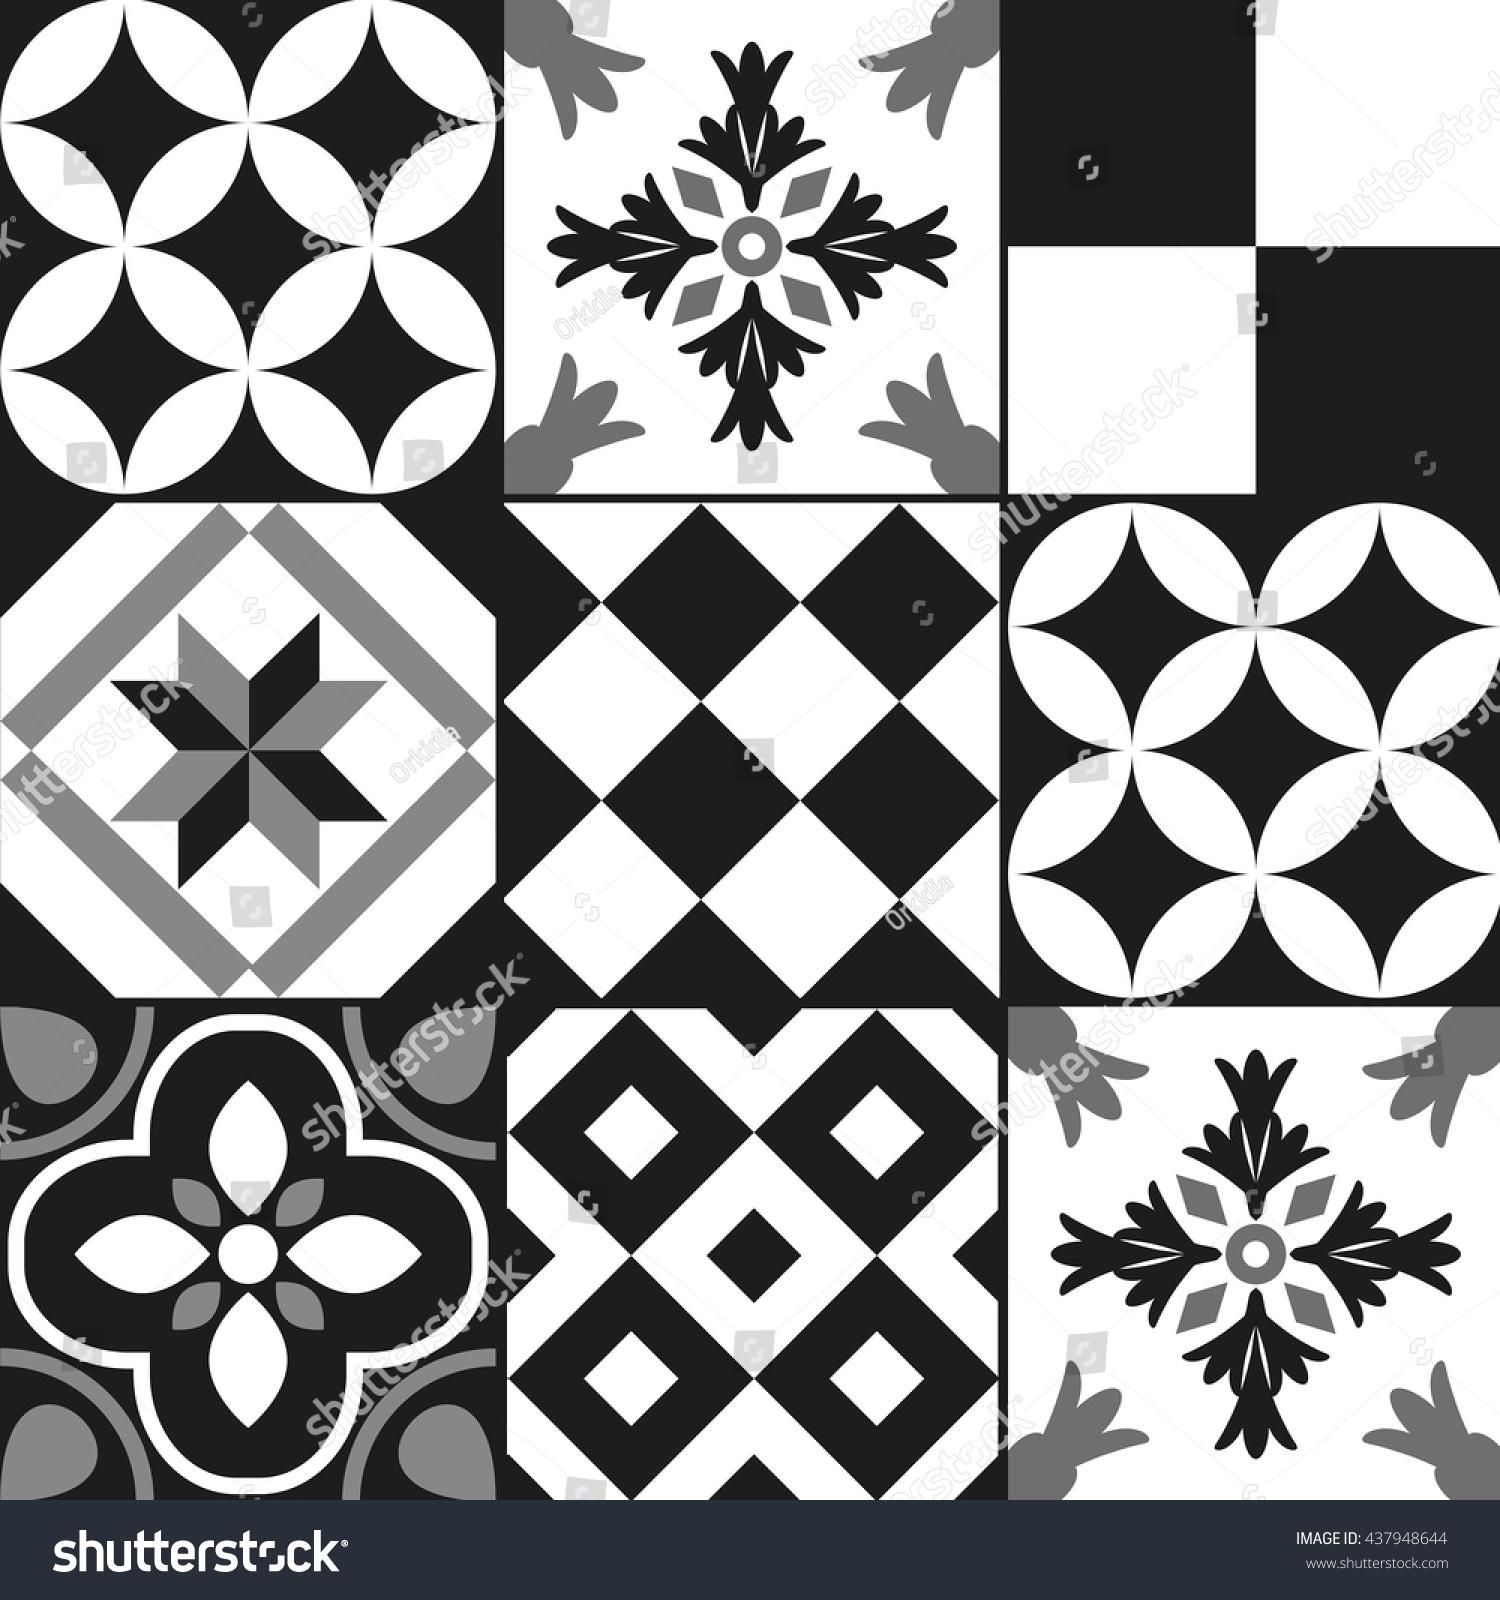 Black white cement tile background design stock vector for White cement tiles